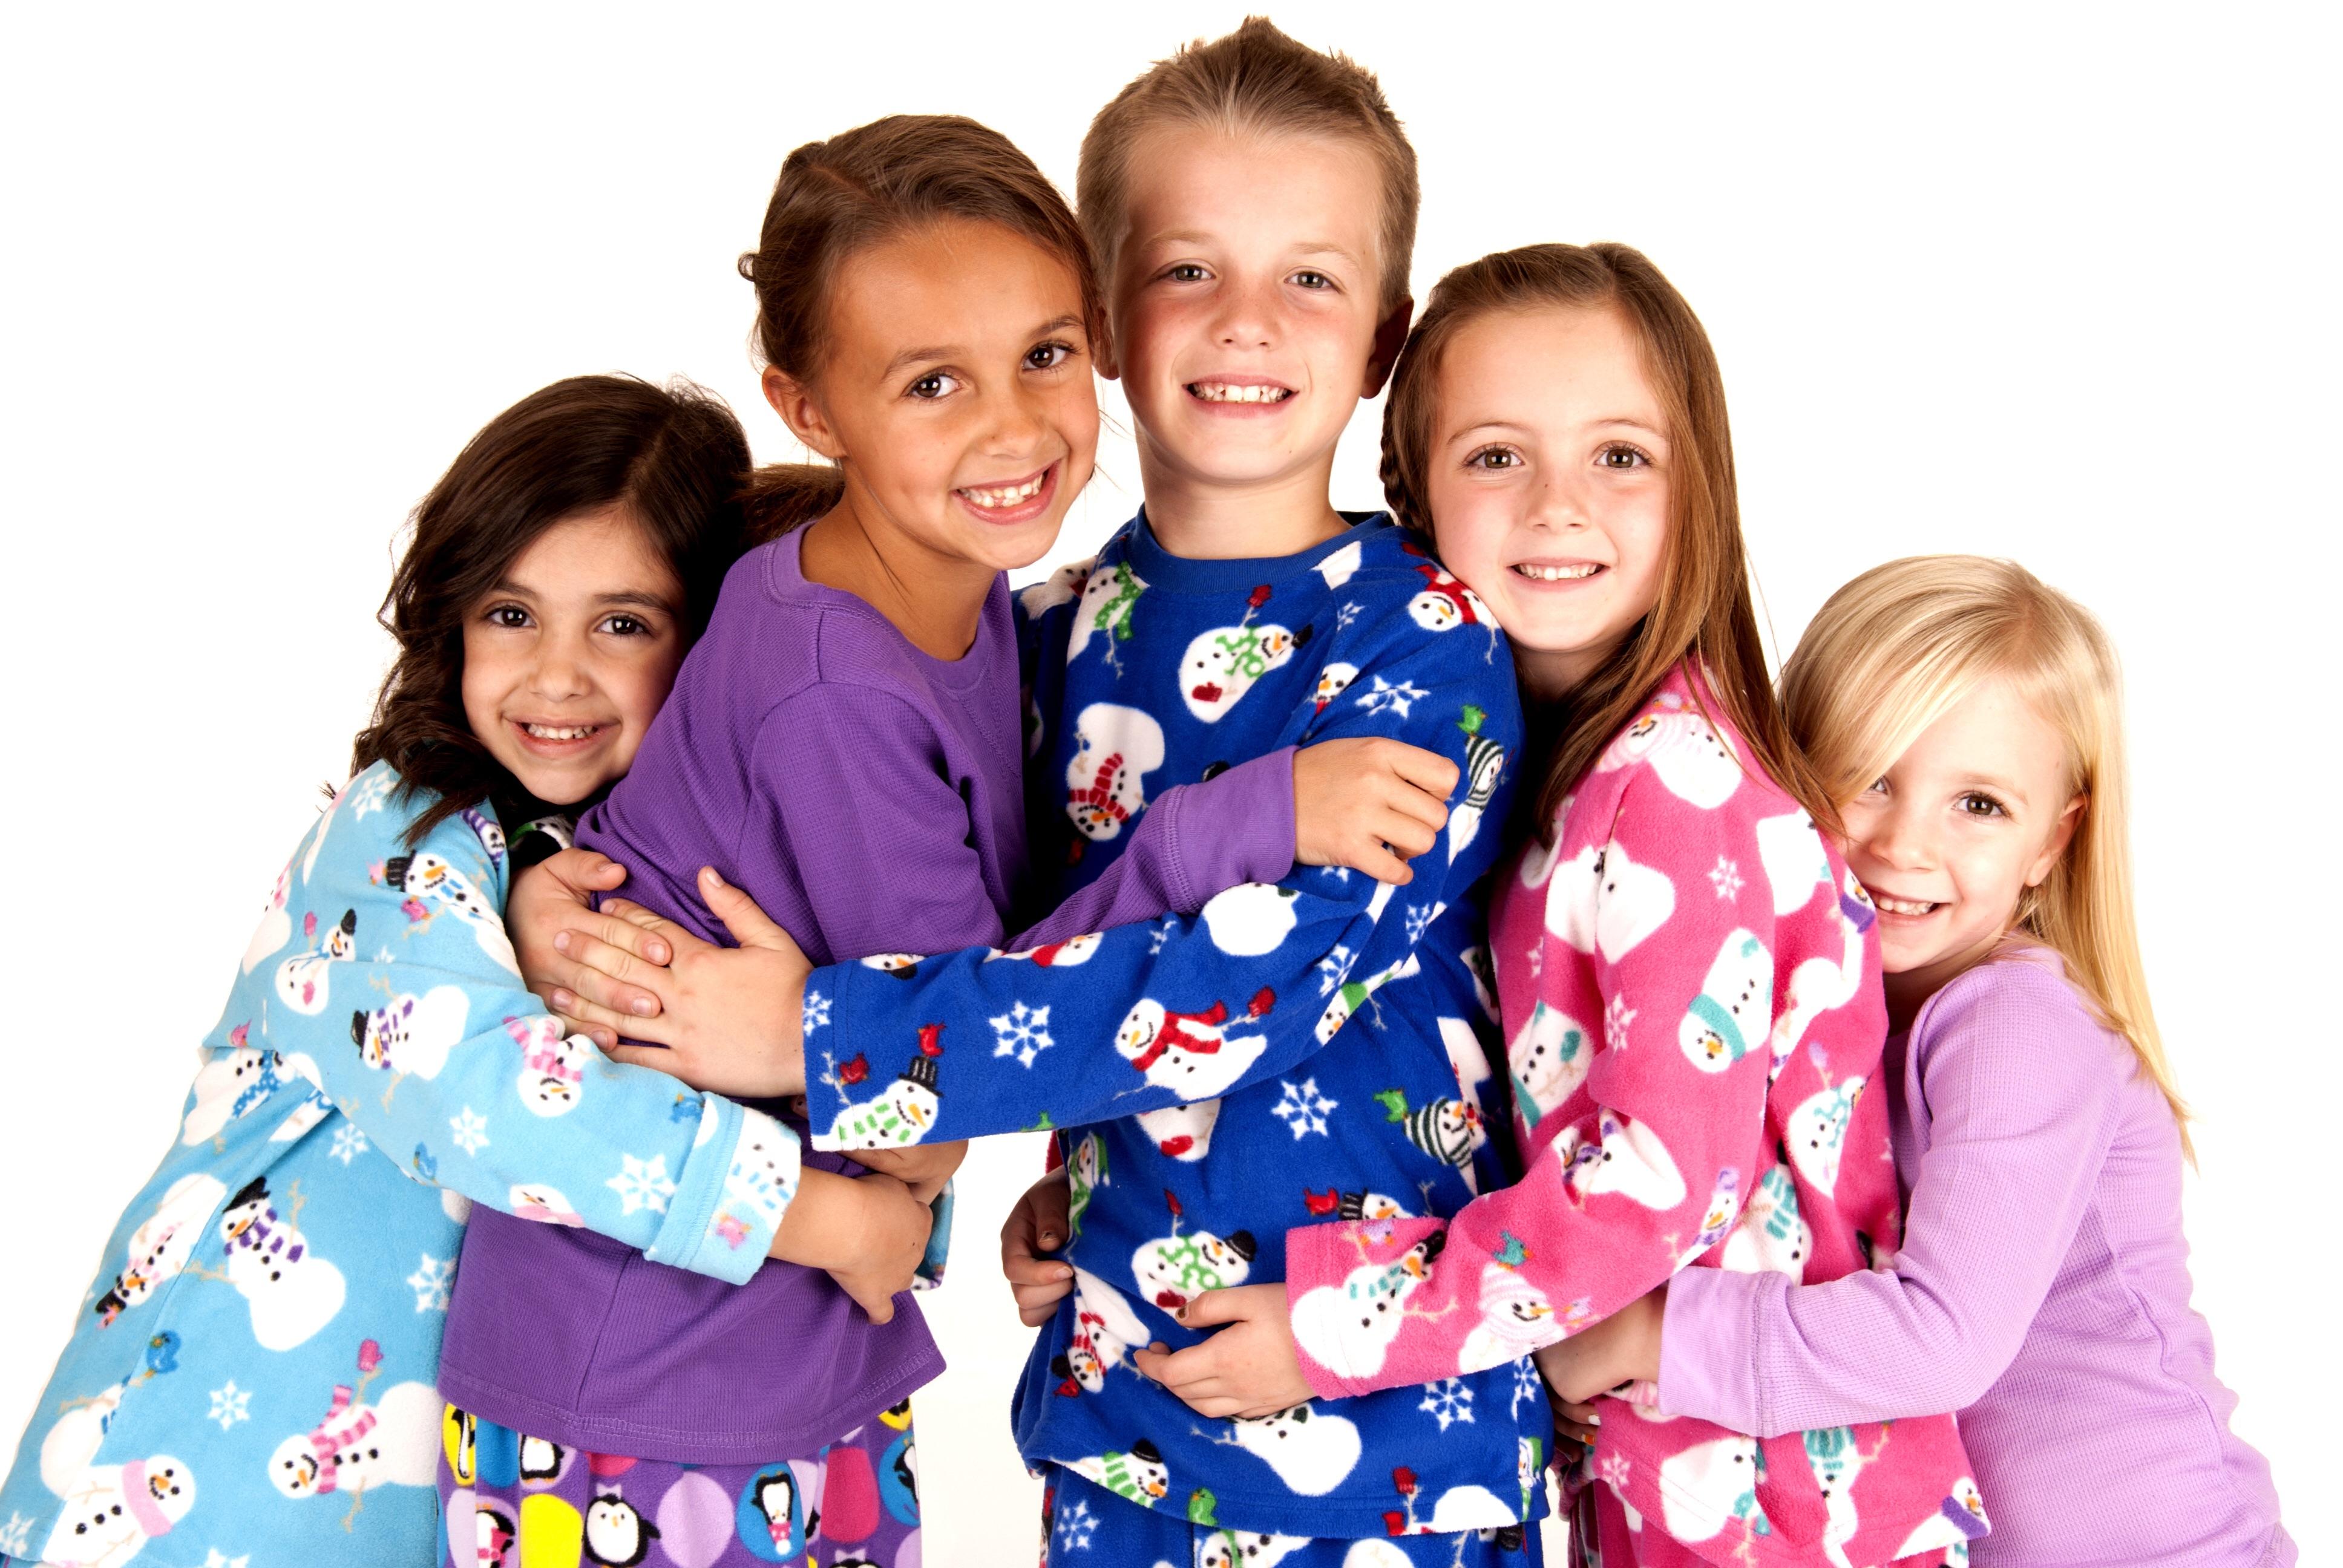 Festa do Pijama: 5 Passos Para Organizar Uma Festa Incrível!